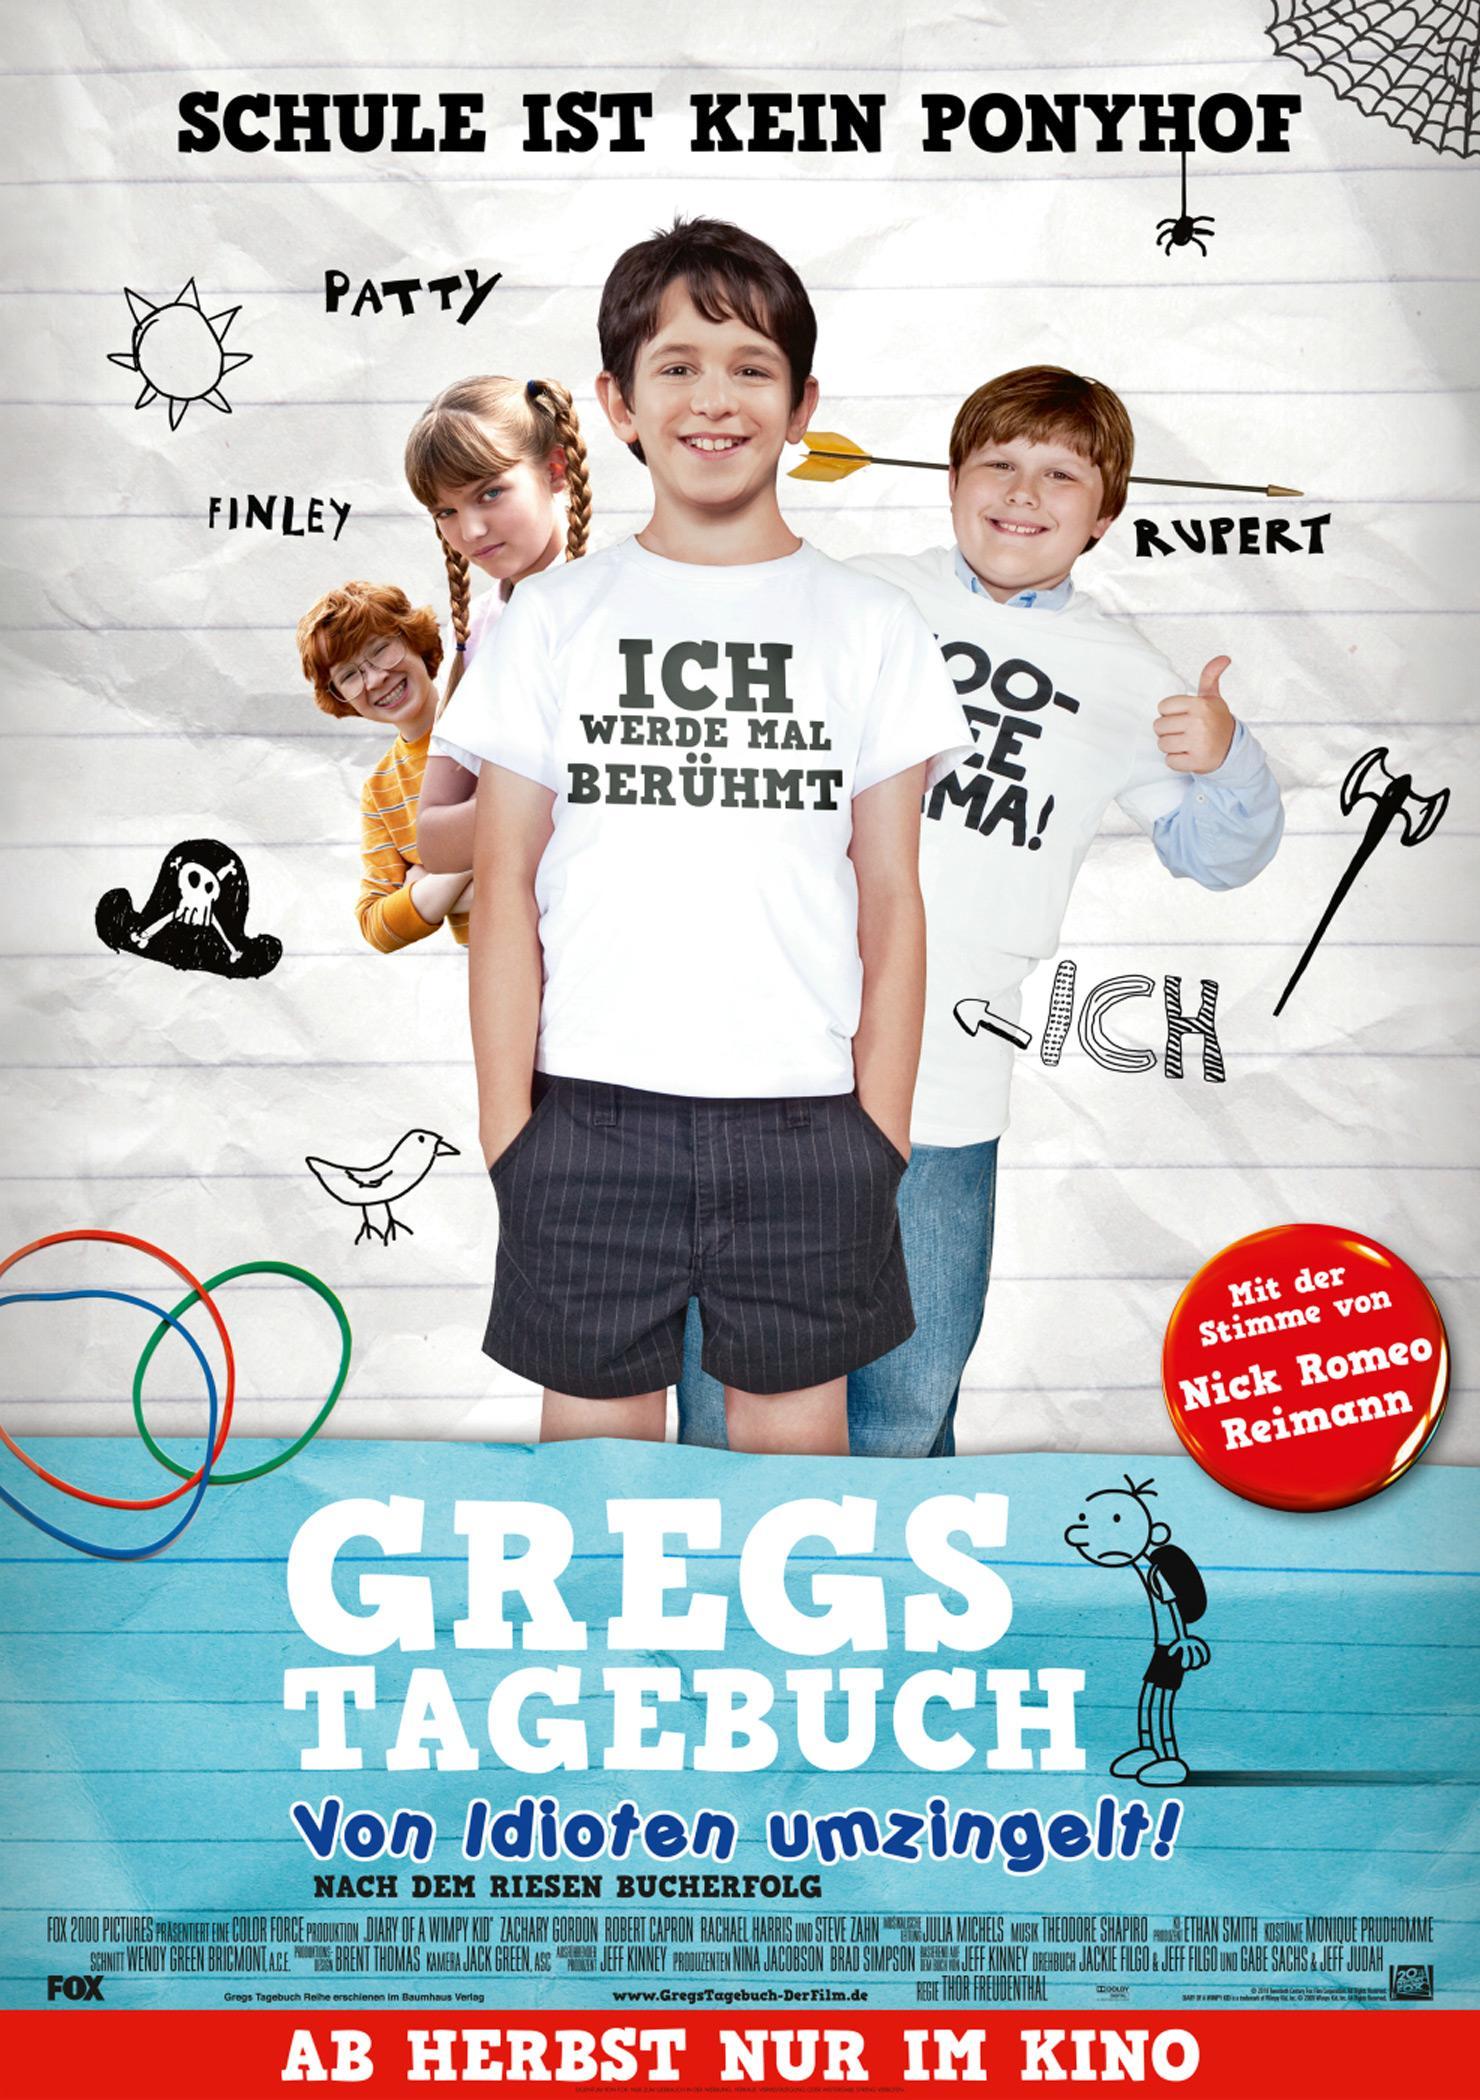 Gregs Tagebuch - Von Idioten umzingelt! (Poster)